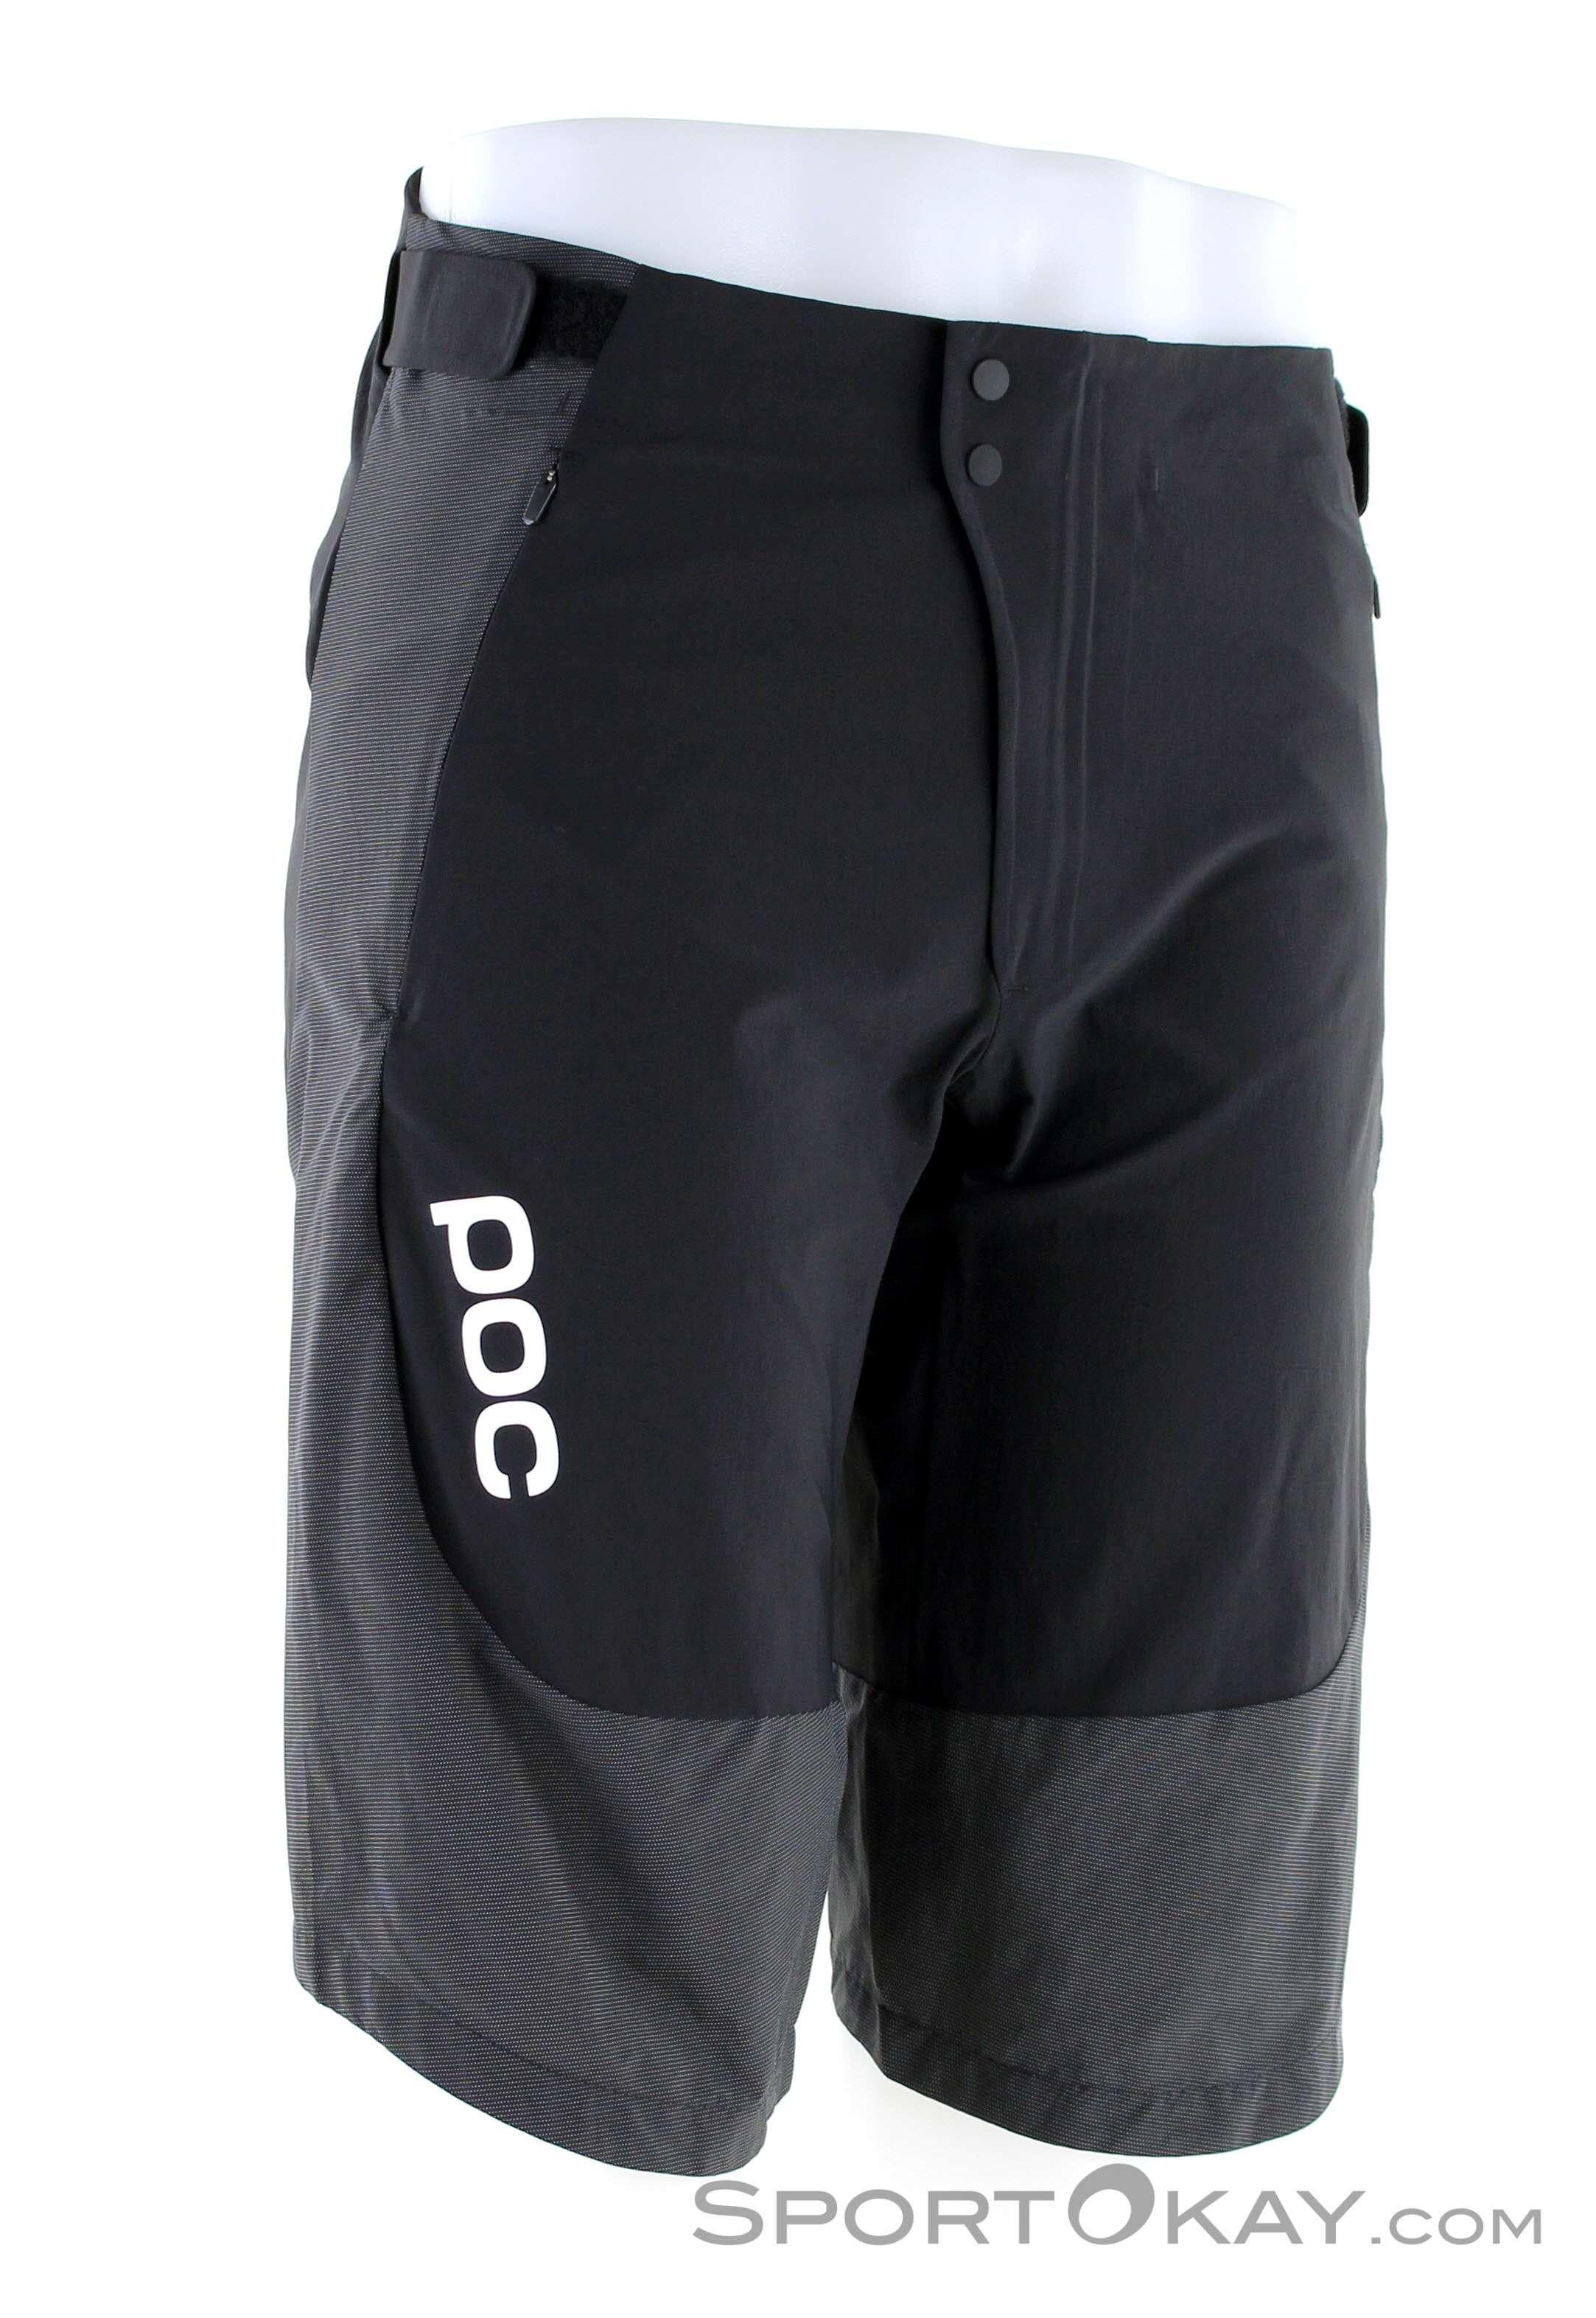 POC Pantaloni protettivi Hip VPD 2.0